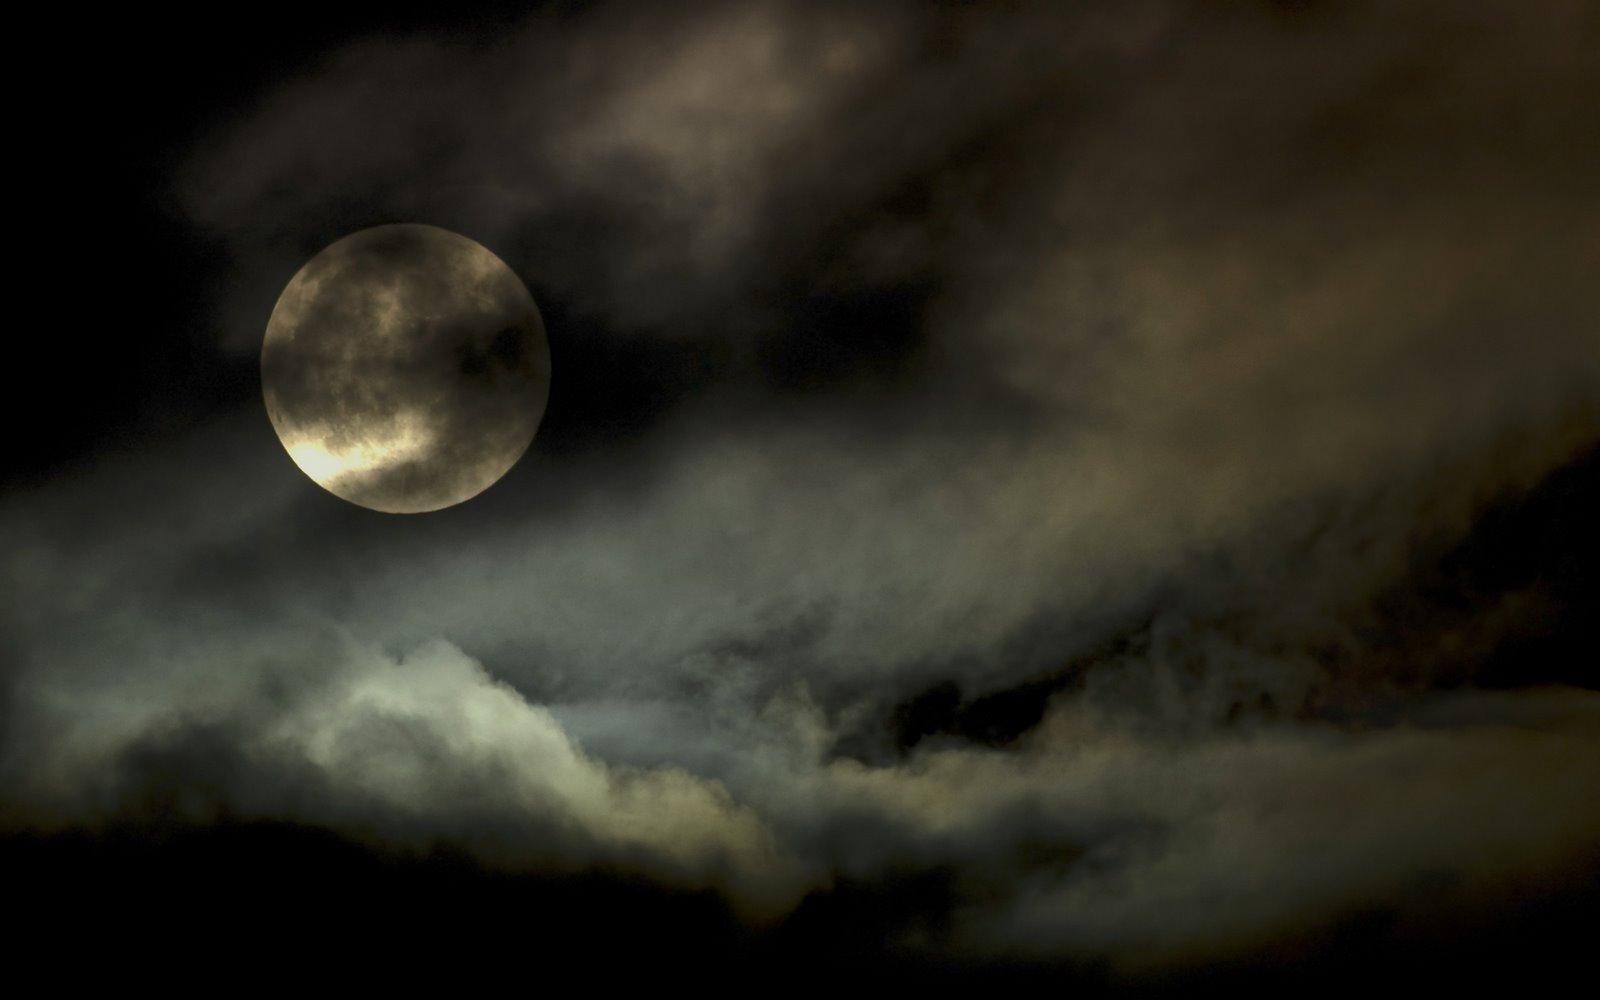 http://4.bp.blogspot.com/_W1ueYt1O3xs/TMv7lUU4gyI/AAAAAAAAXAs/xTGJNjbclYg/d/Halloween+Wallpapers+1920x1200-12.jpg